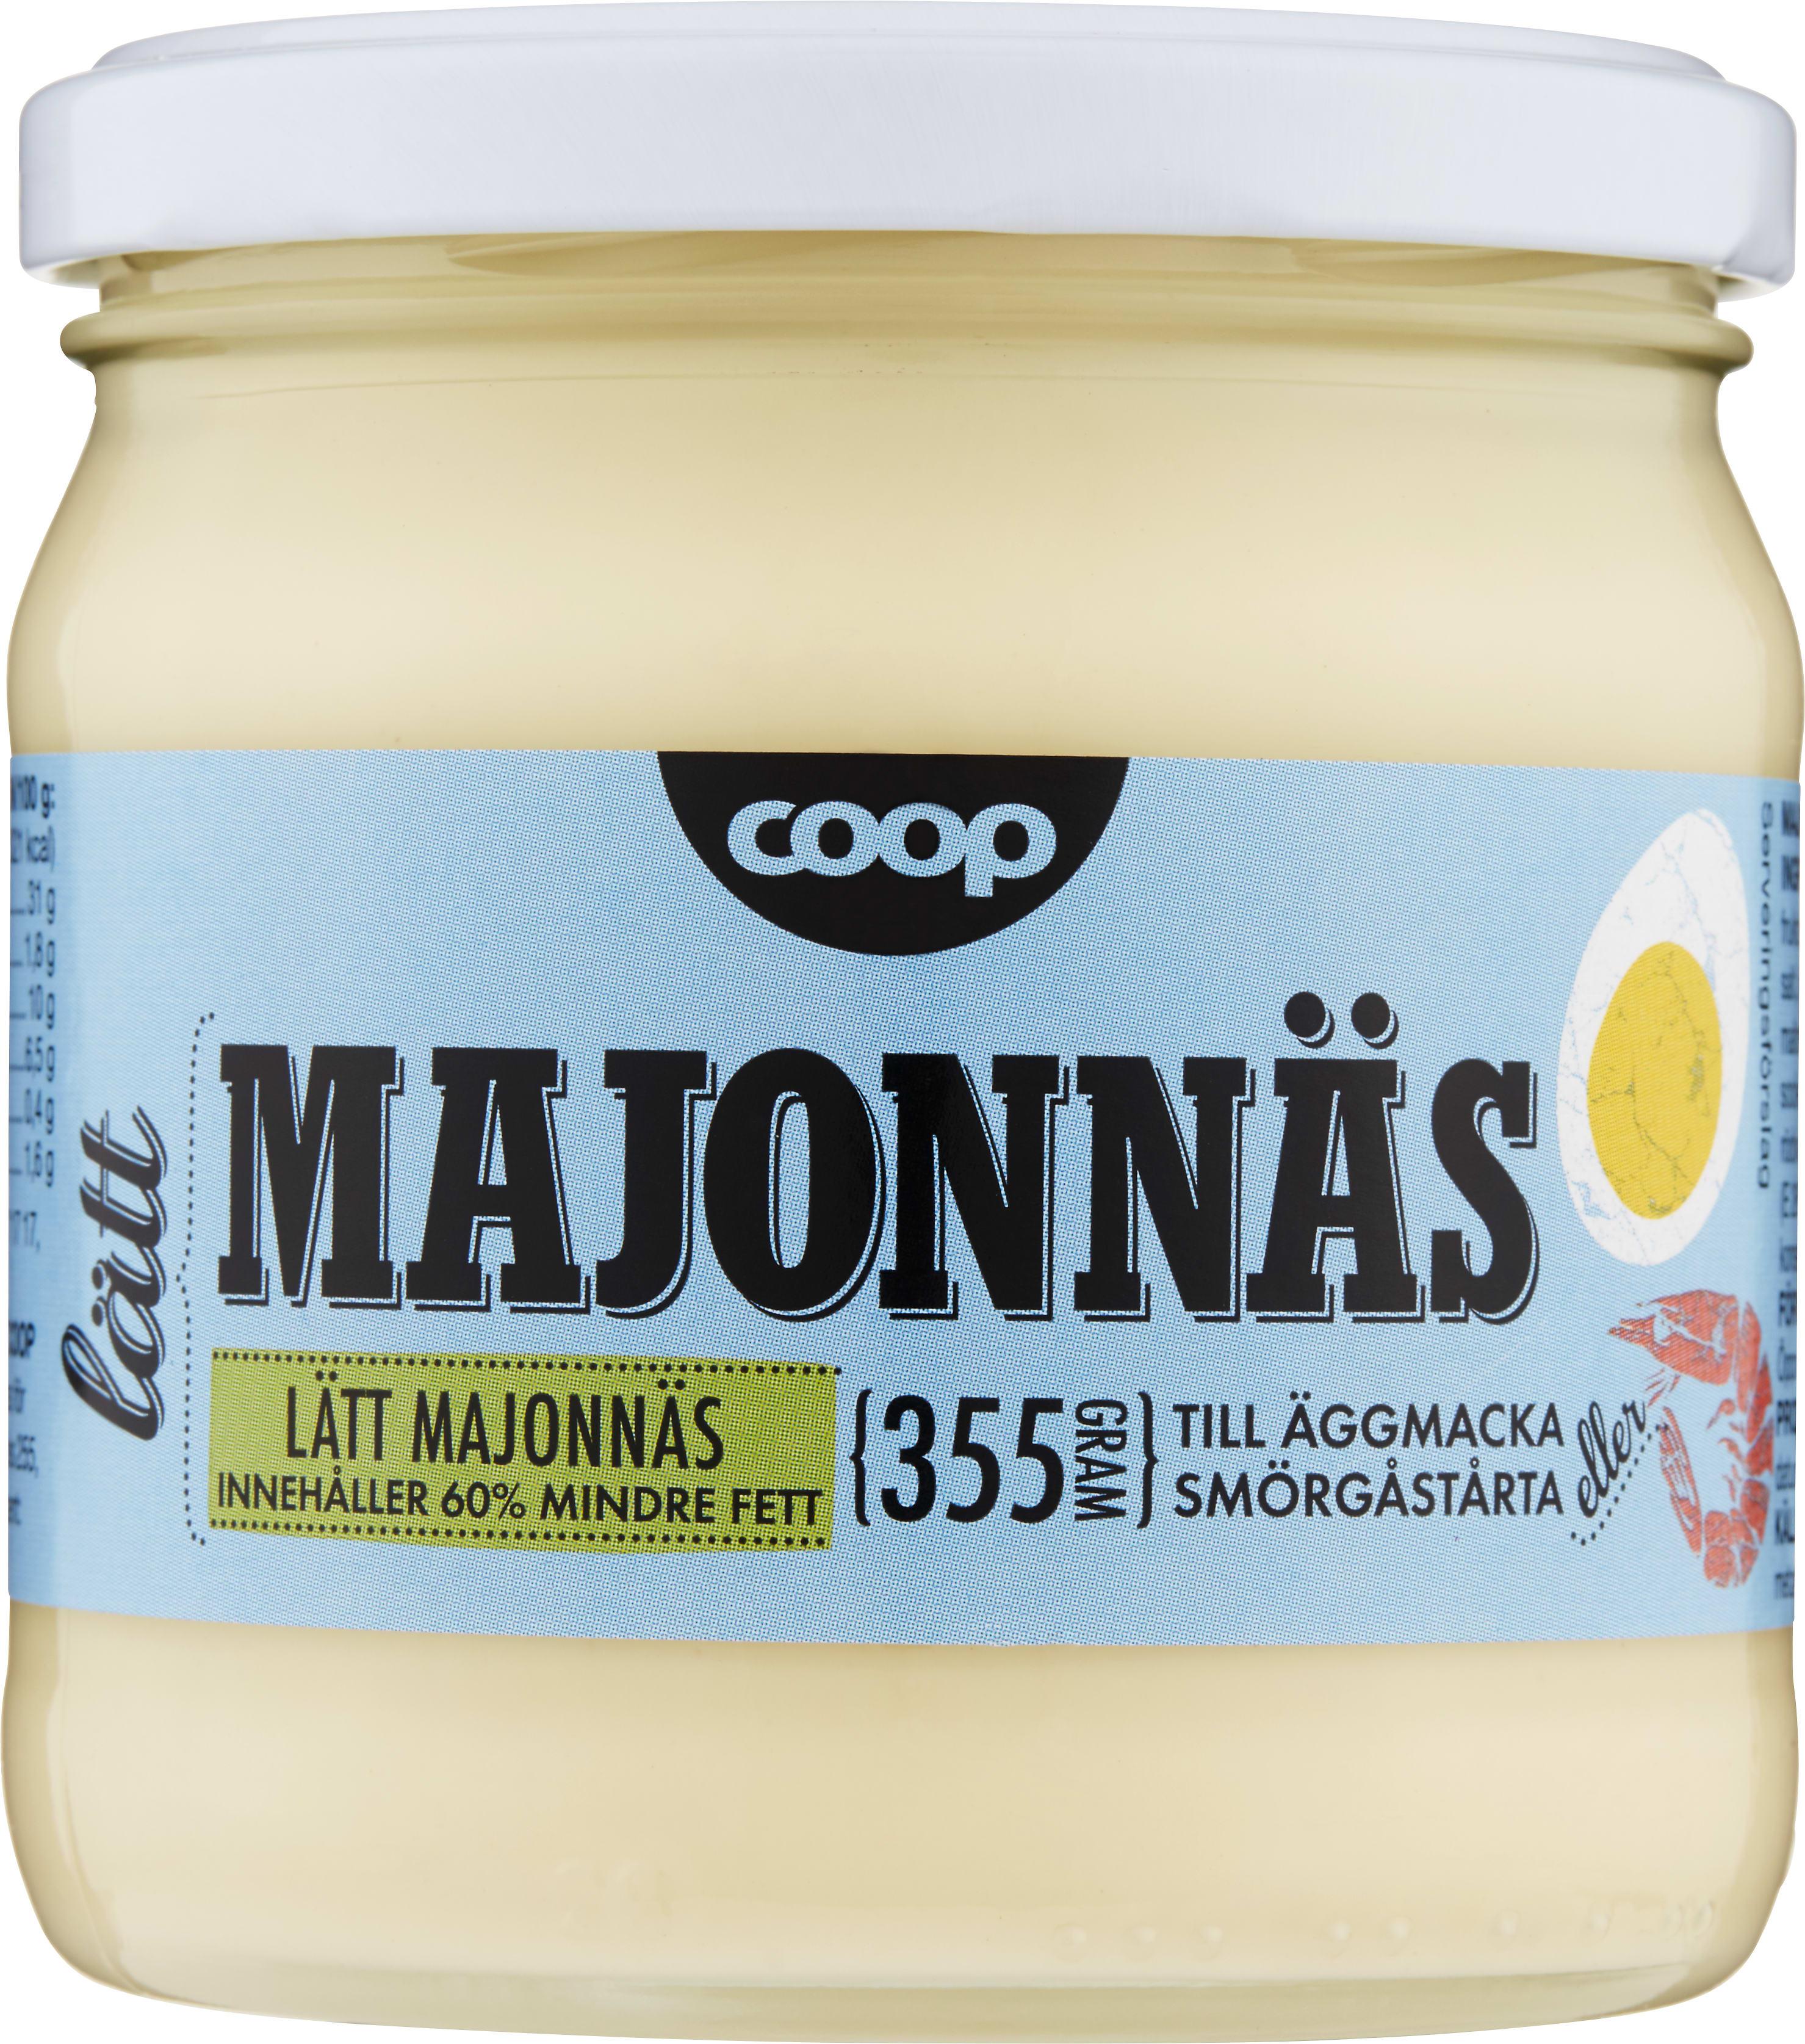 vegansk majonnäs coop